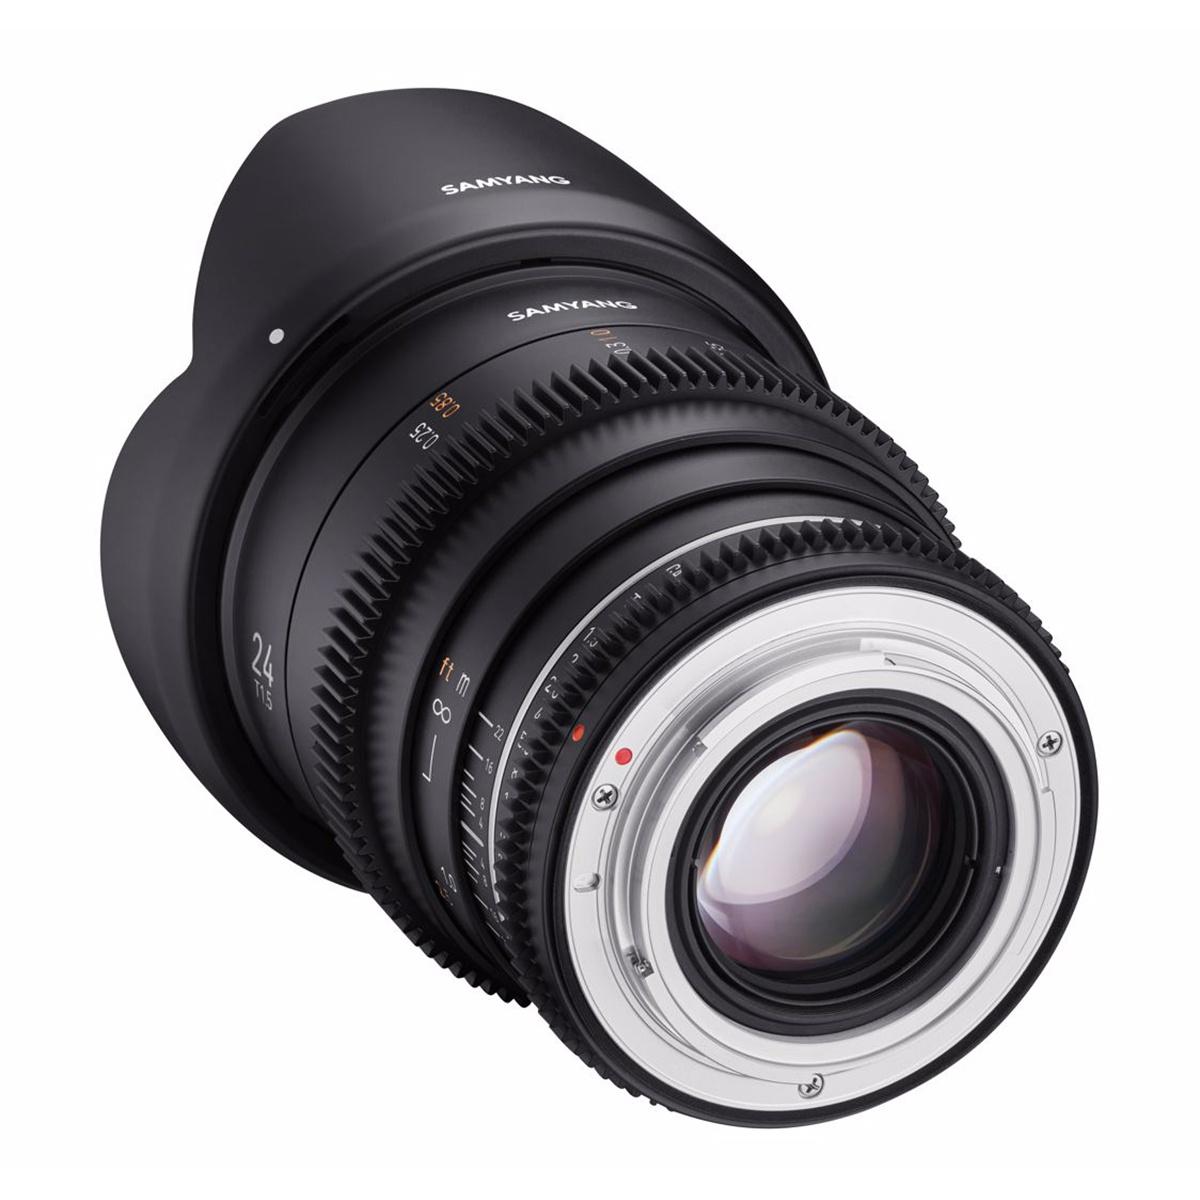 SAMYANG 24mm T1.5 VDSLR MK2 Sony E